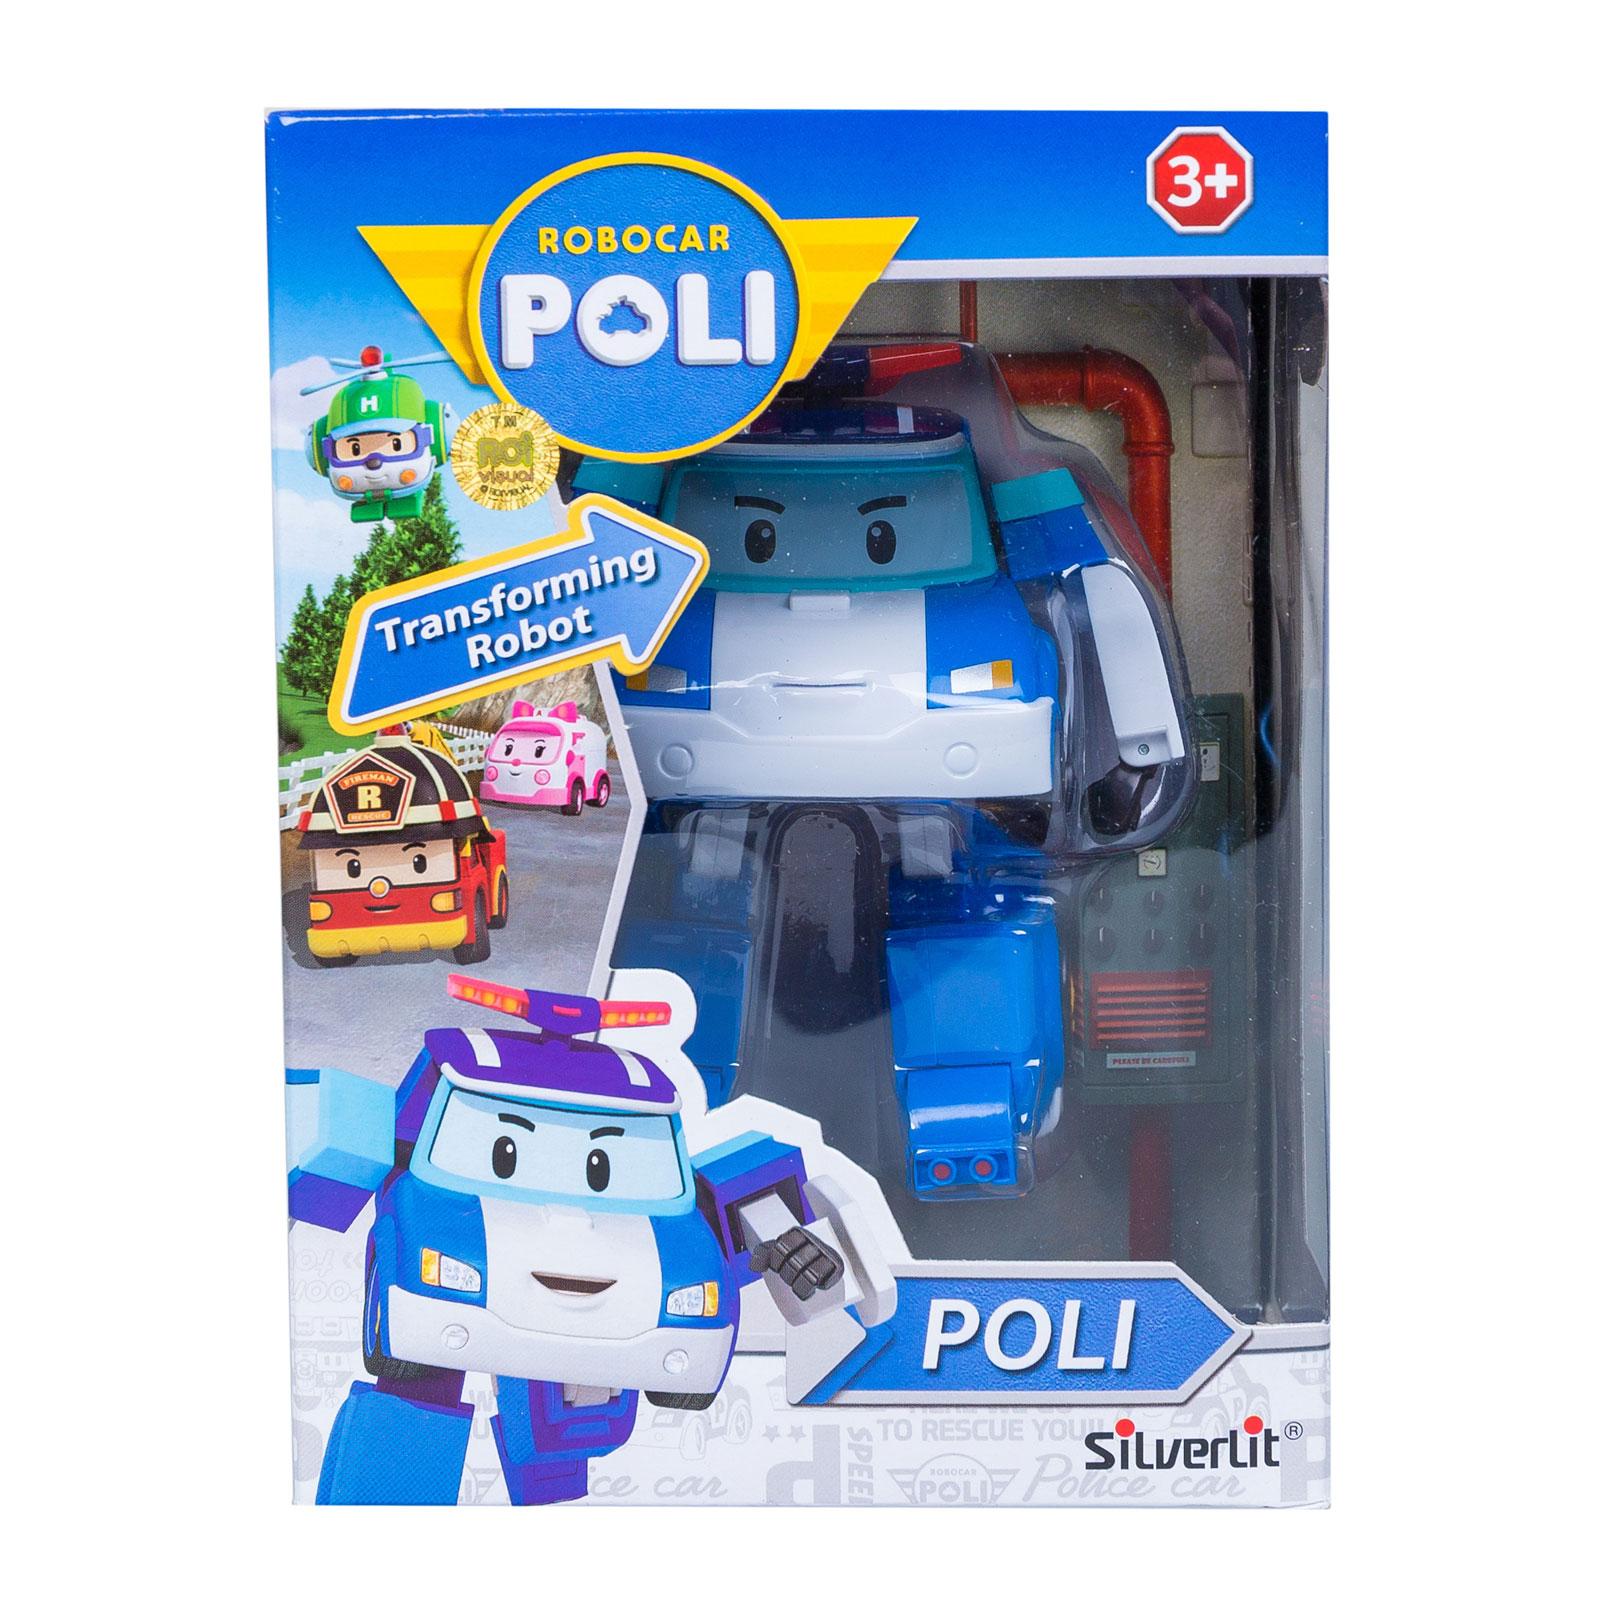 Машинки-трансформер Silverlit Poli Robocar Полицейская (с 3 лет)<br>